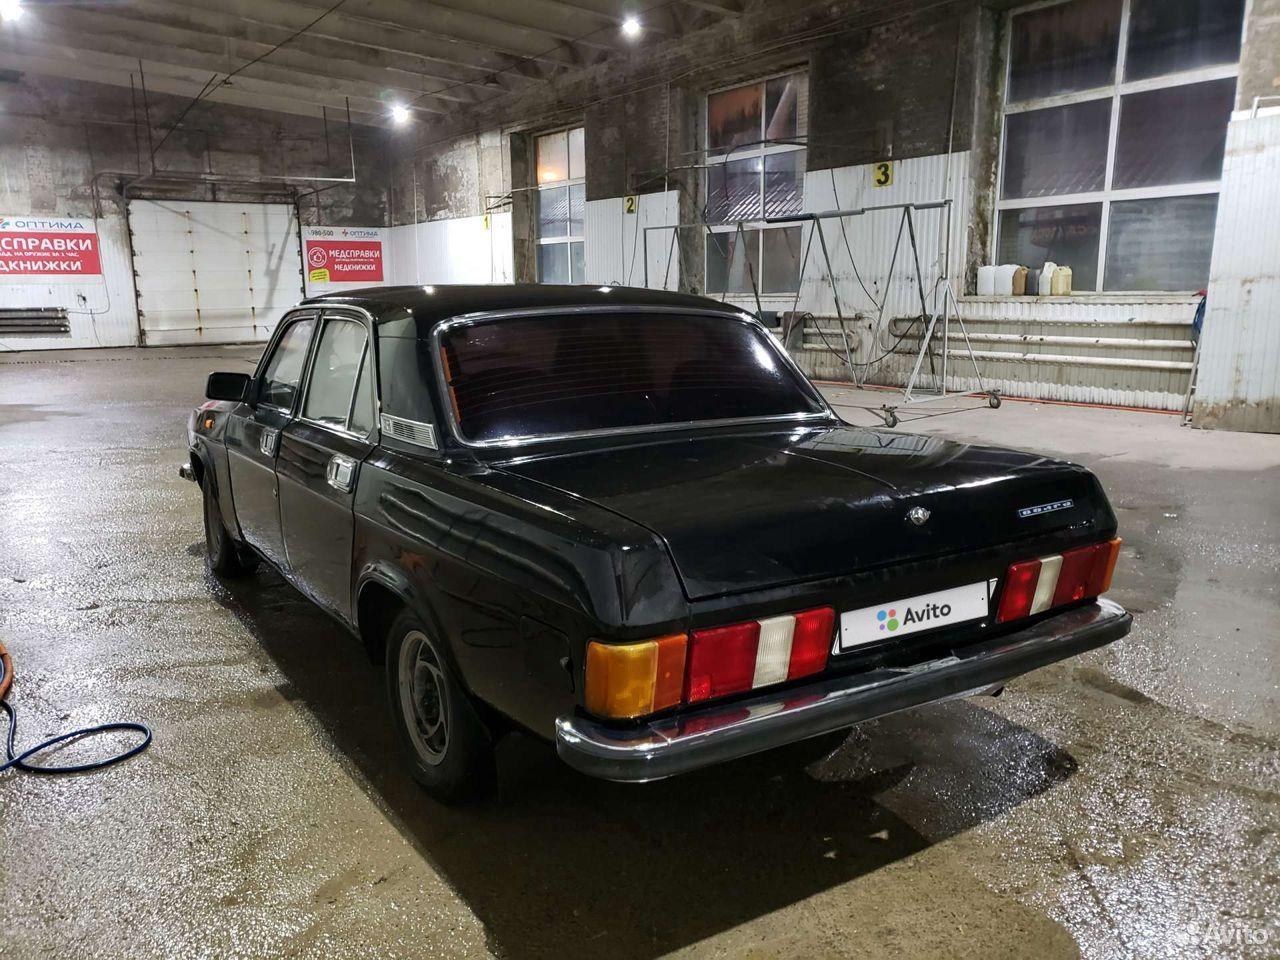 ГАЗ 3102 Волга, 1983 89020007276 купить 5